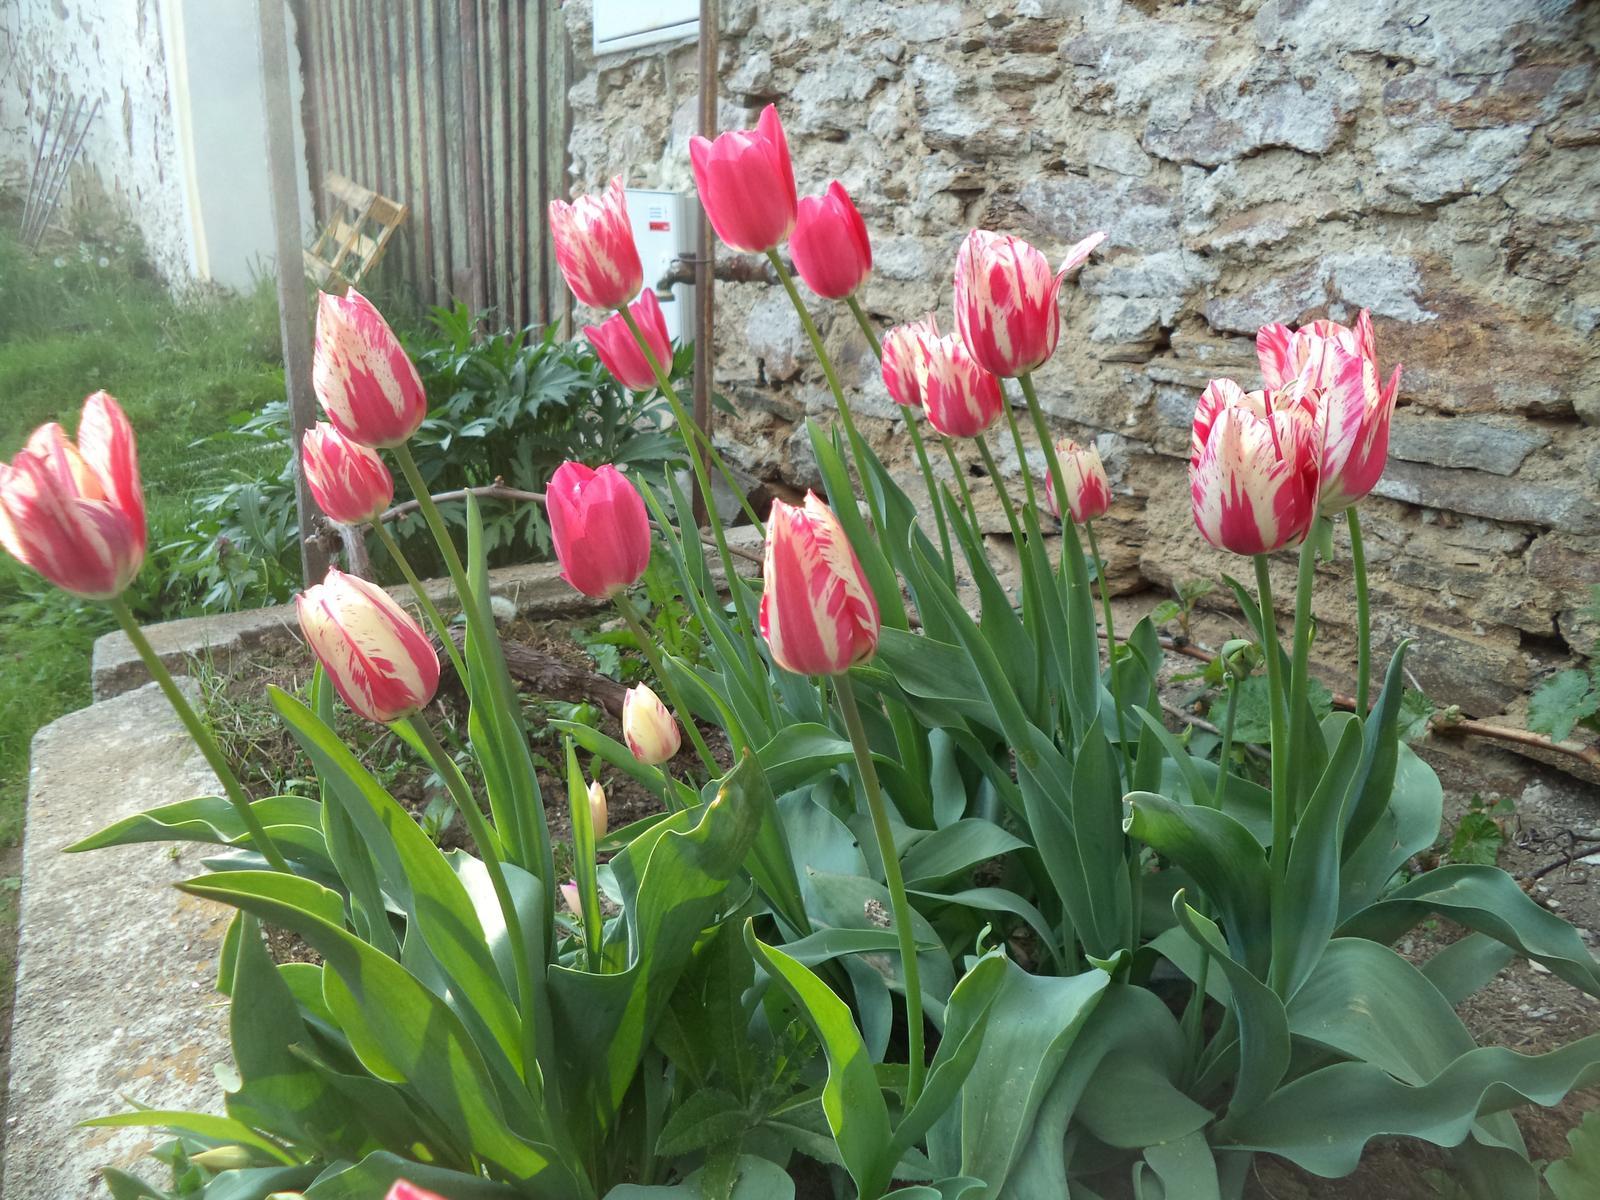 Zahrádkové - Tulipány po staré paní byly vždycky držáci, myším úspěšně narozdíl od nové výsadby odolávaly. Ale poprvé za těch deset let, co tu jsme je mám tak krásné, bohaté. Že by ta loňská kopřivová jícha, co jsem ji lila všude po záhoncích?..